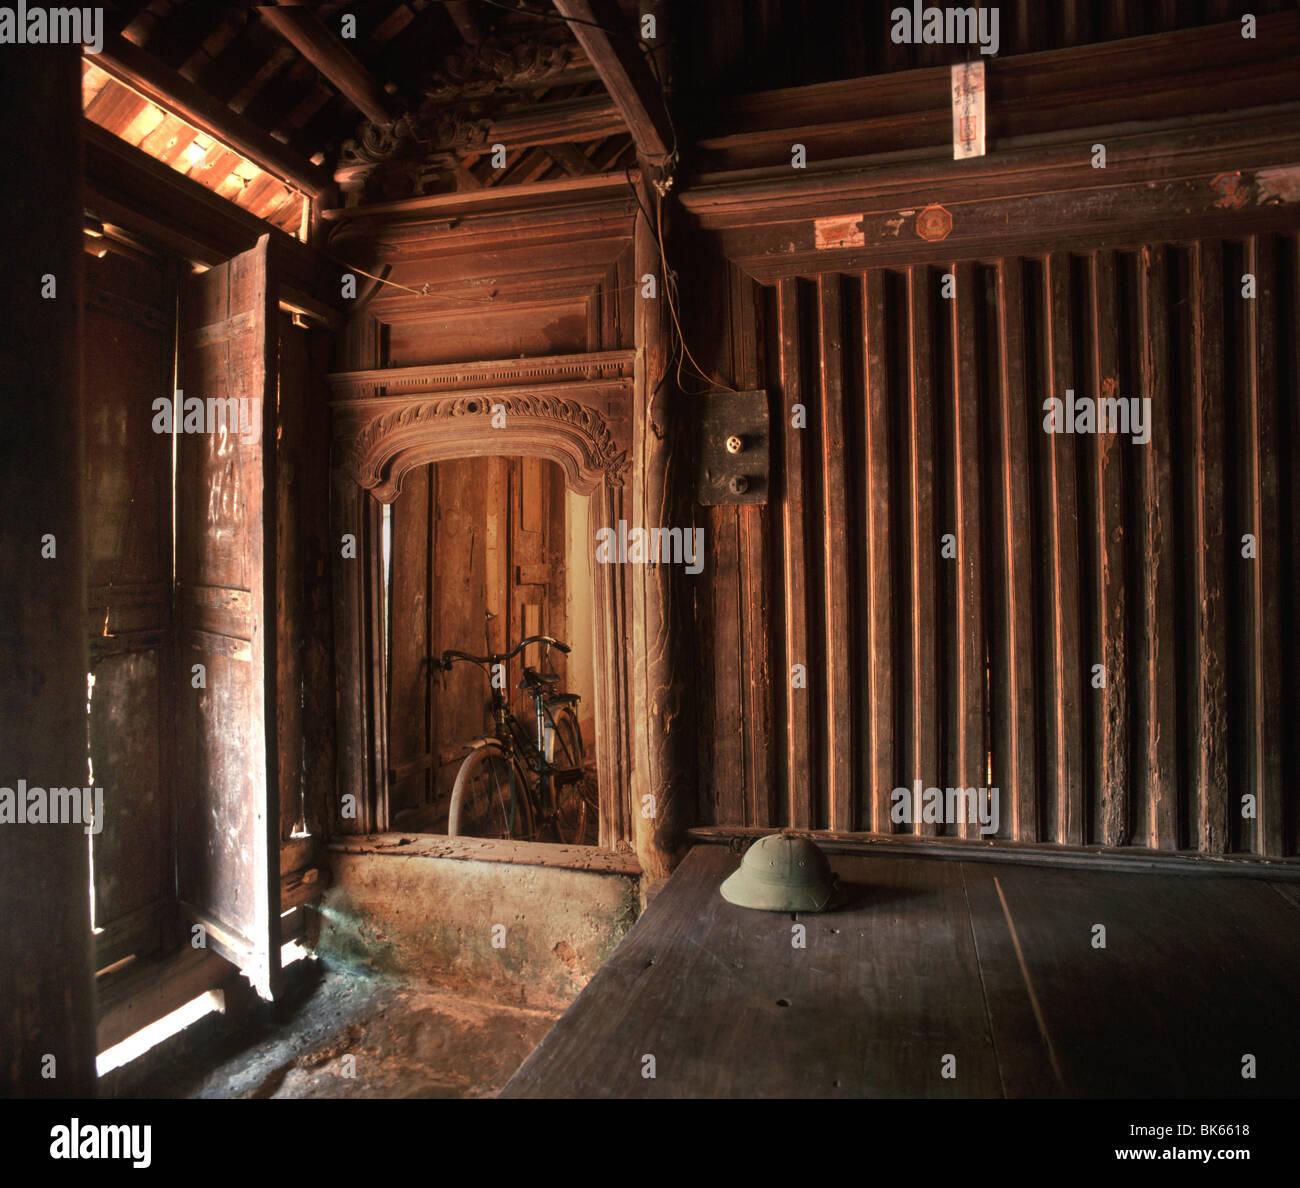 Intérieur de Mong Phu House, 400 ans, le Vietnam, l'Indochine, l'Asie du Sud-Est, Asie Photo Stock